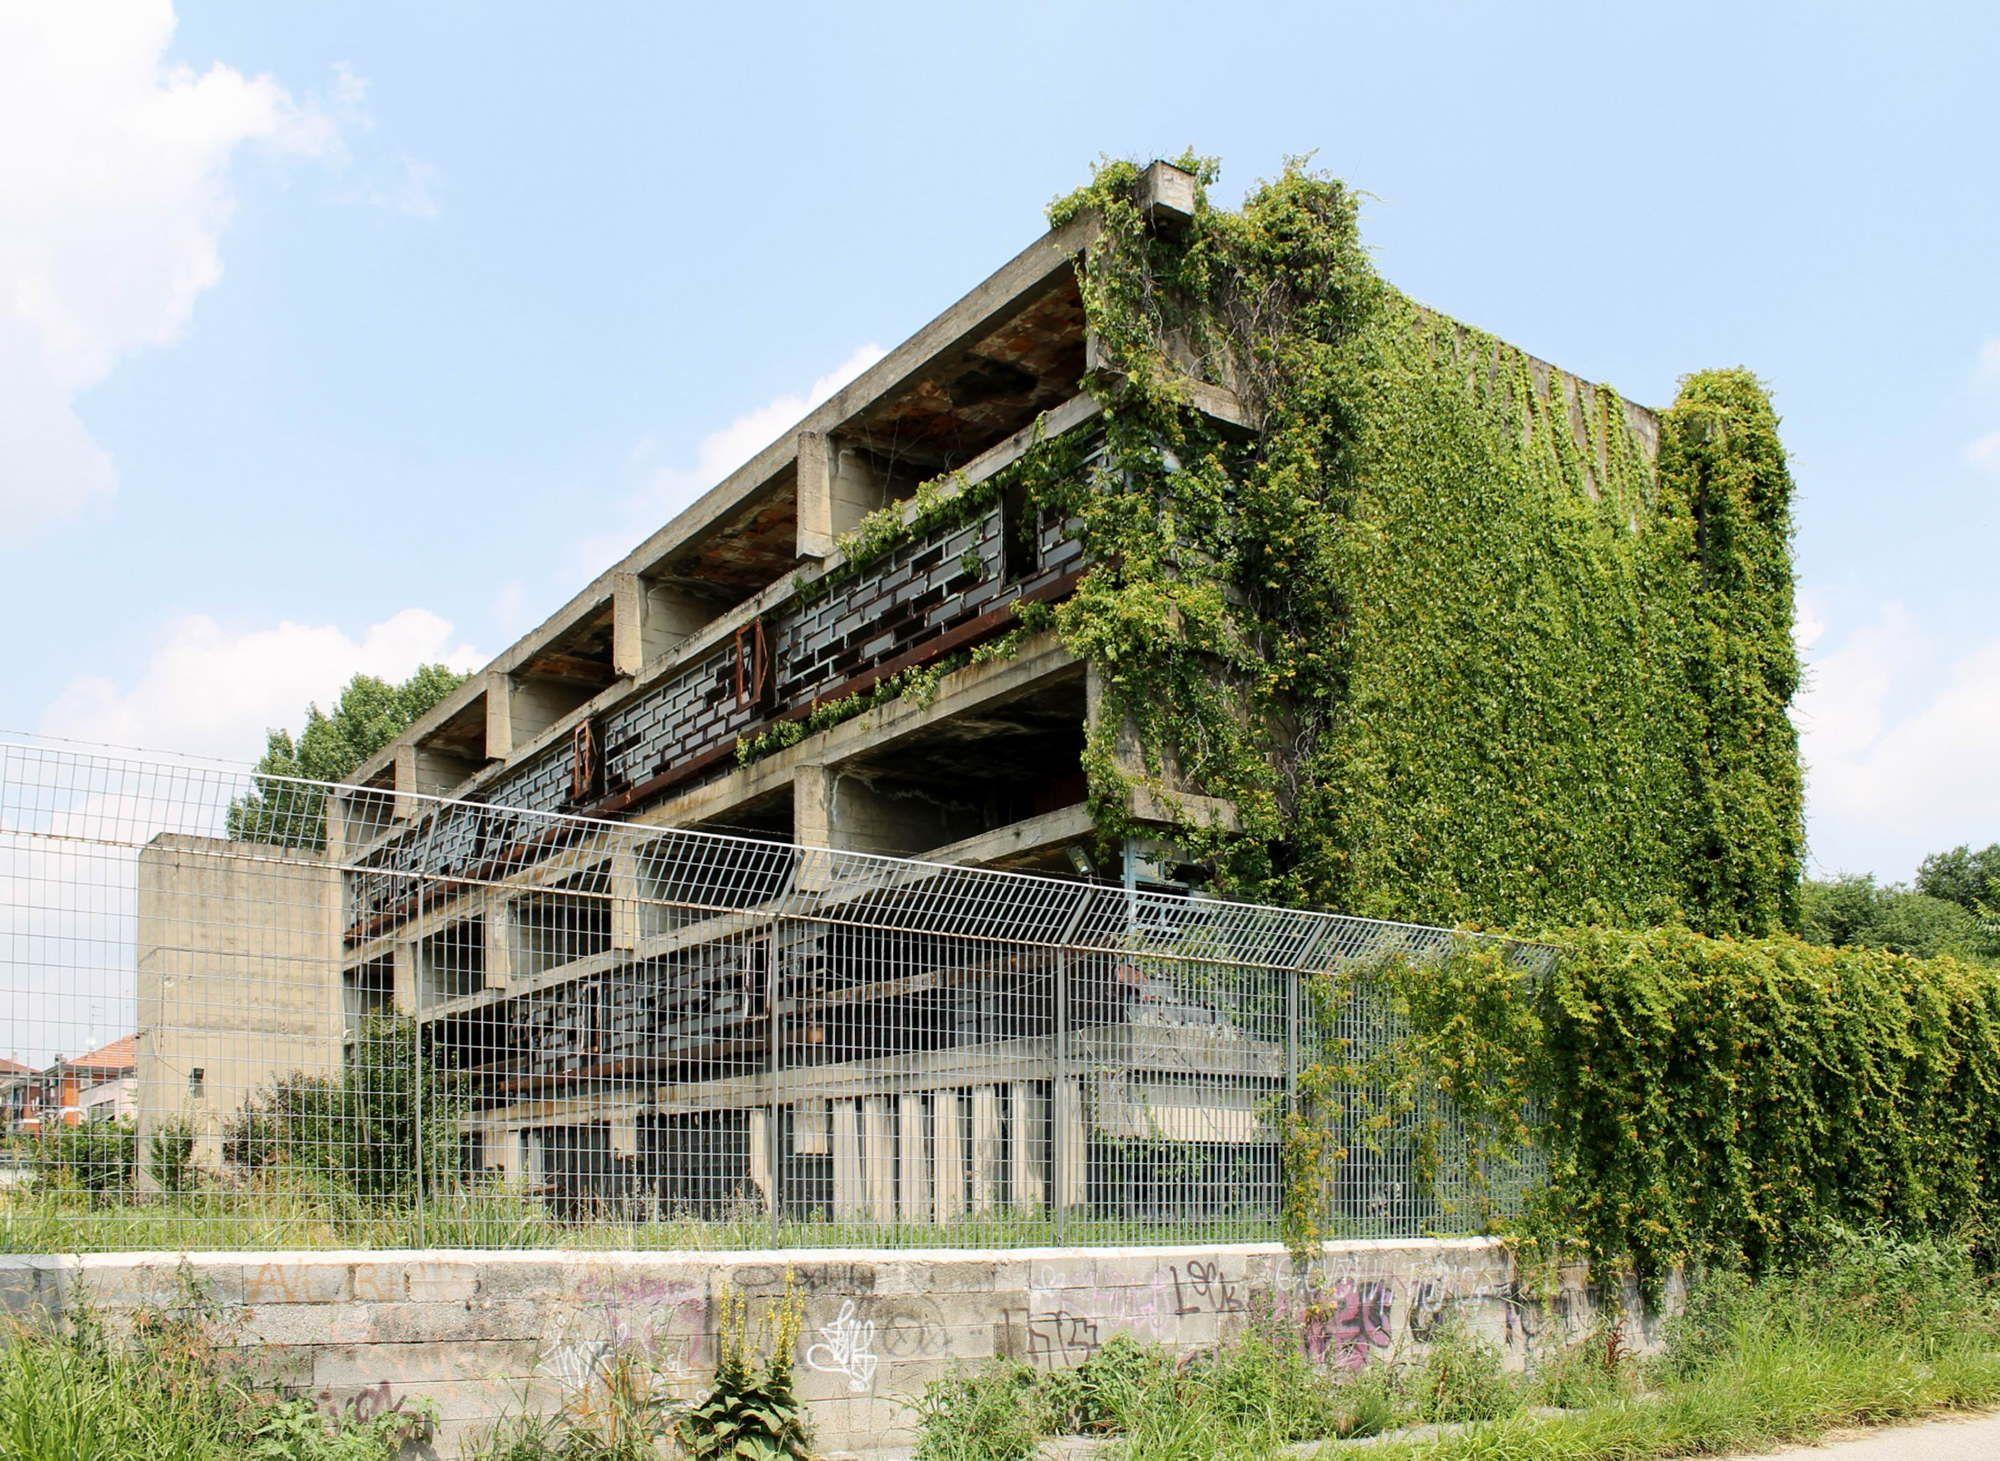 Sosbrutalism Brutalismus Initiative Gestartet Green Architecture Brutalist Brutalist Buildings